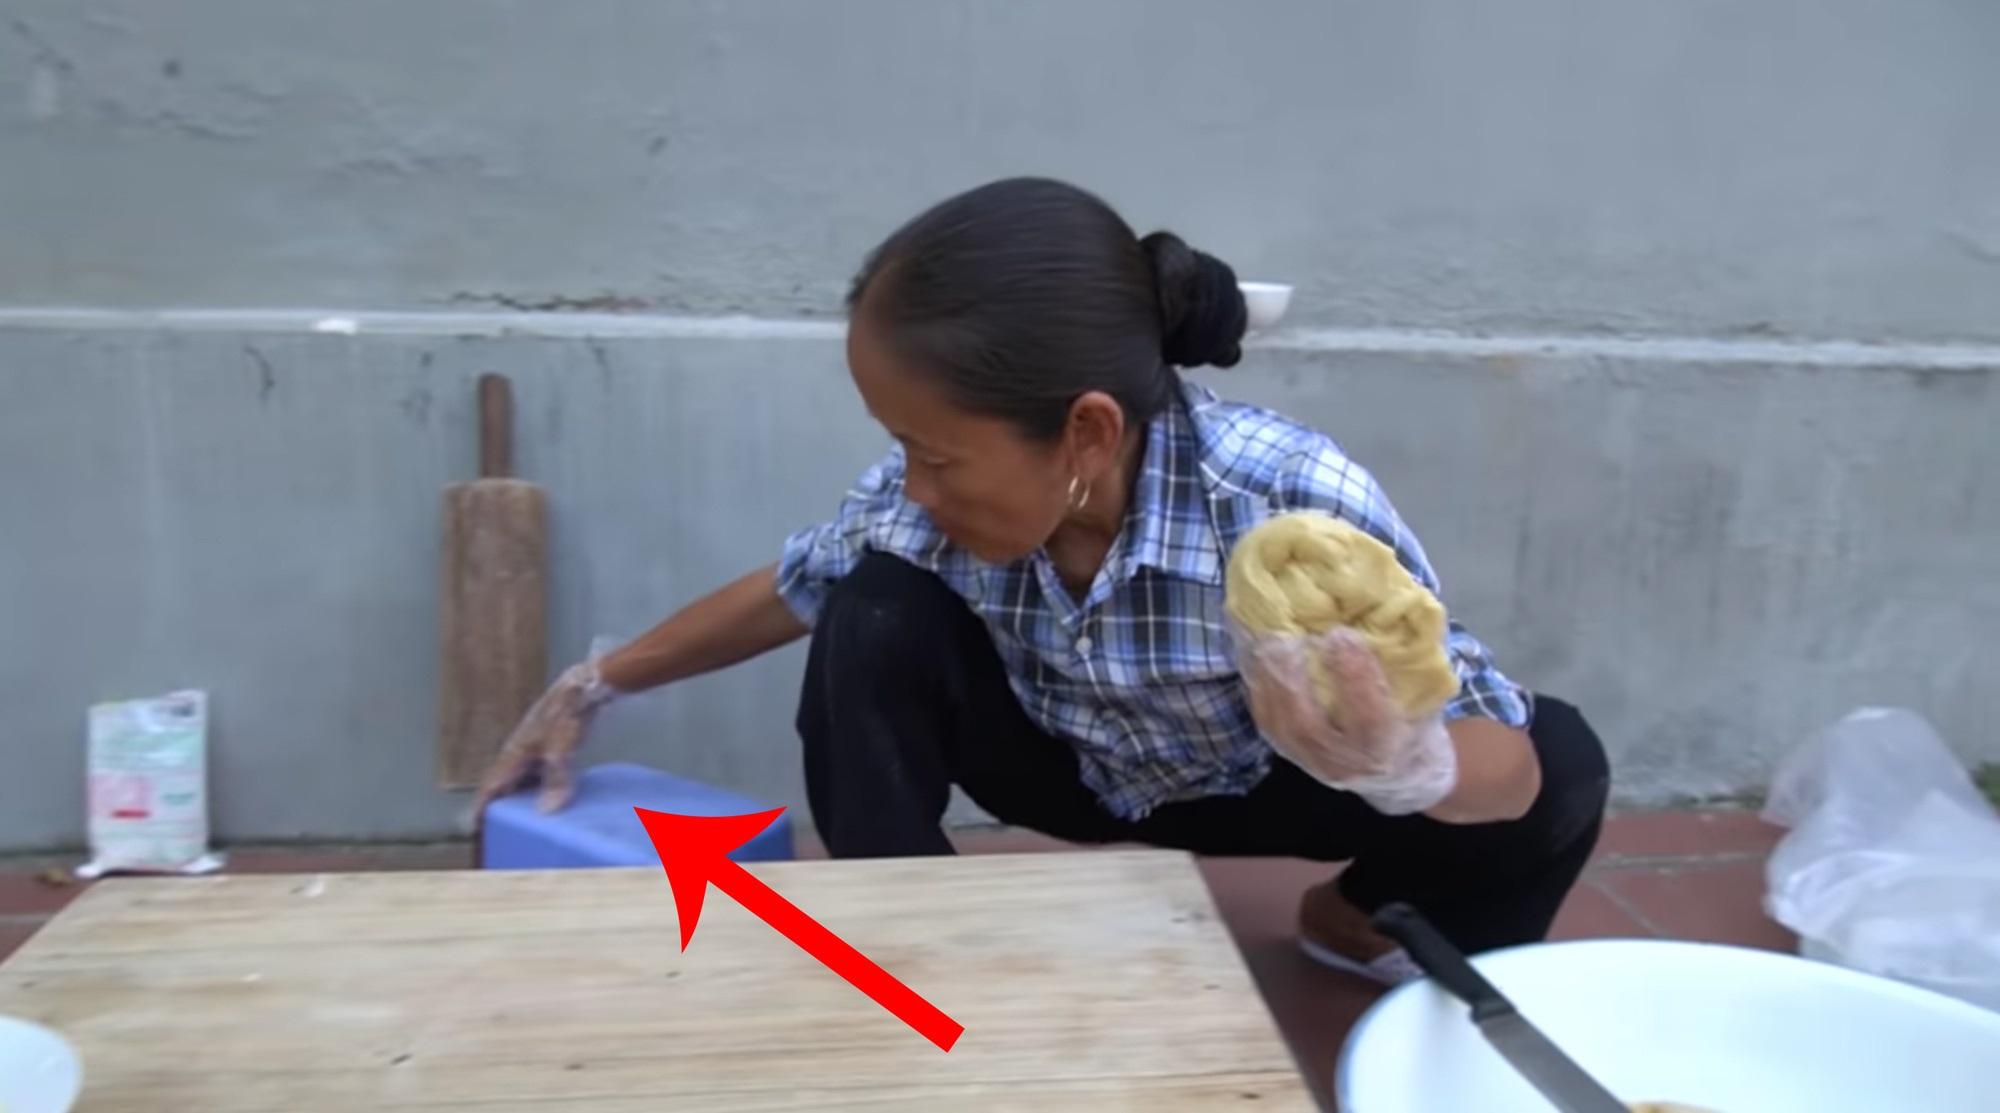 Chưa hết 'hoảng hồn' với món bánh tiêu phiên bản 'kinh dị' của Bà Tân Vlog, dân mạng lại phát hiện thêm sự cố mất vệ sinh - Ảnh 8